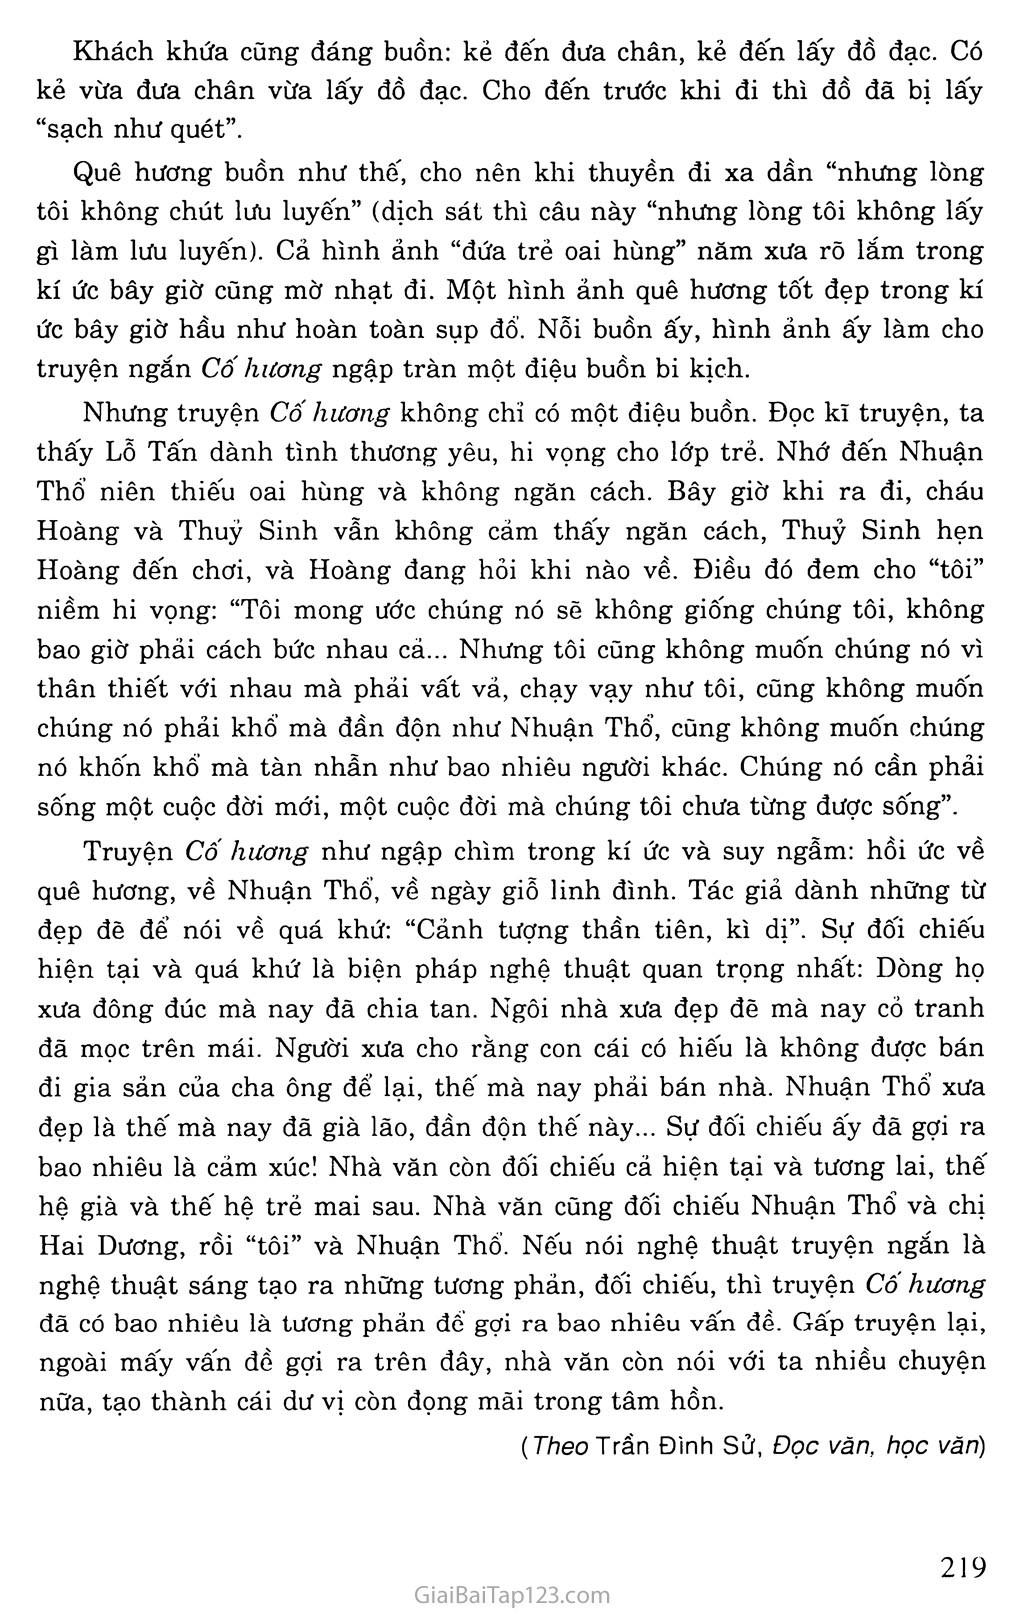 Cố hương trang 6